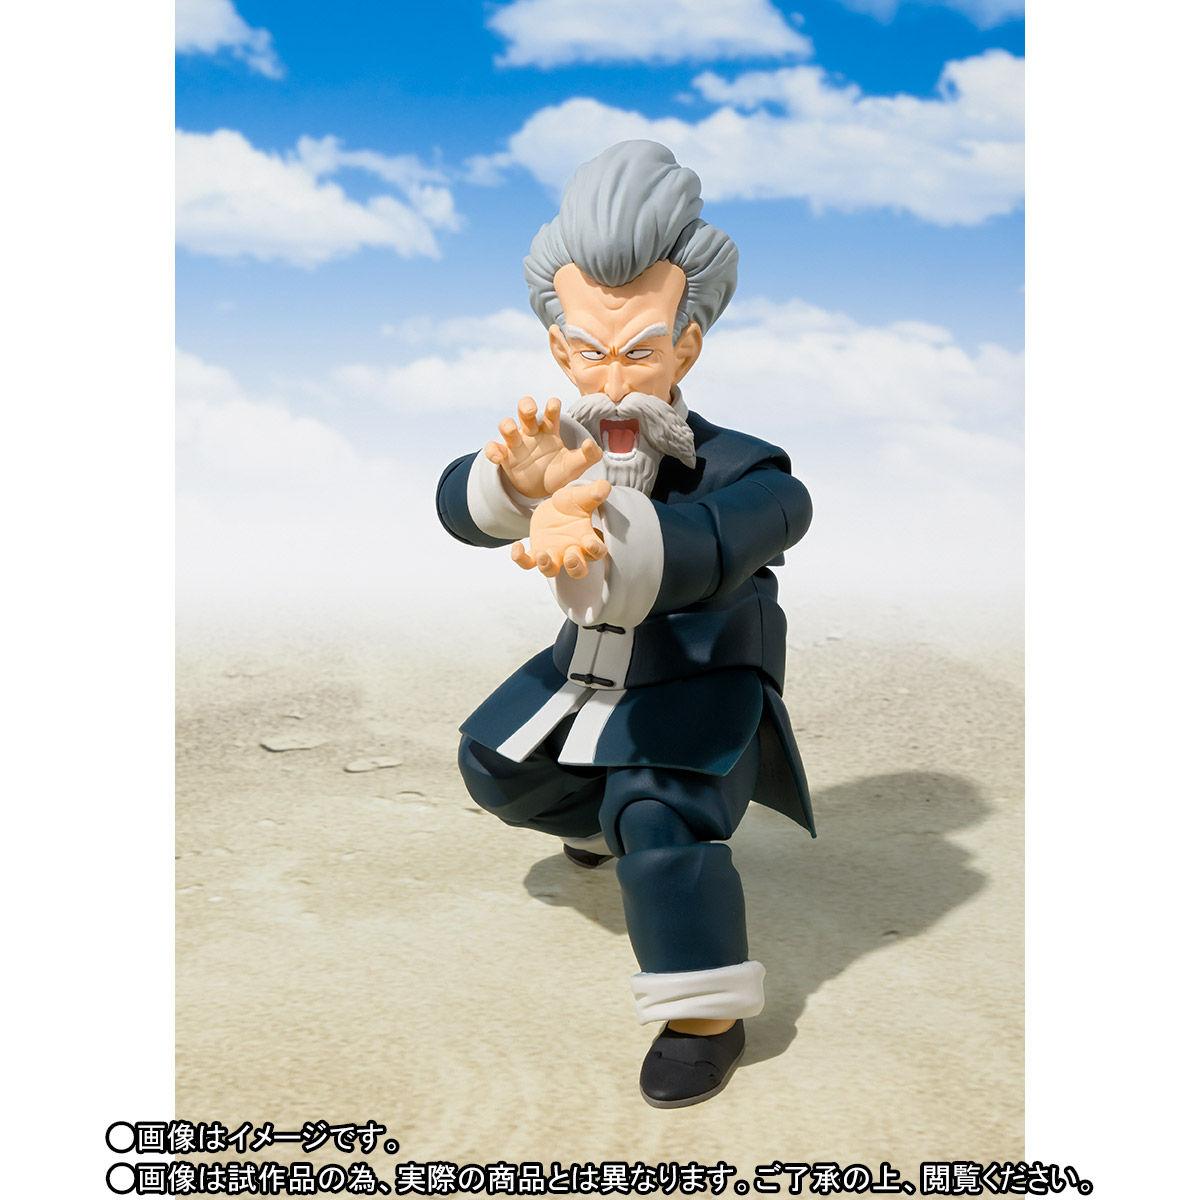 【限定販売】S.H.Figuarts『ジャッキー・チュン』ドラゴンボール 可動フィギュア-006